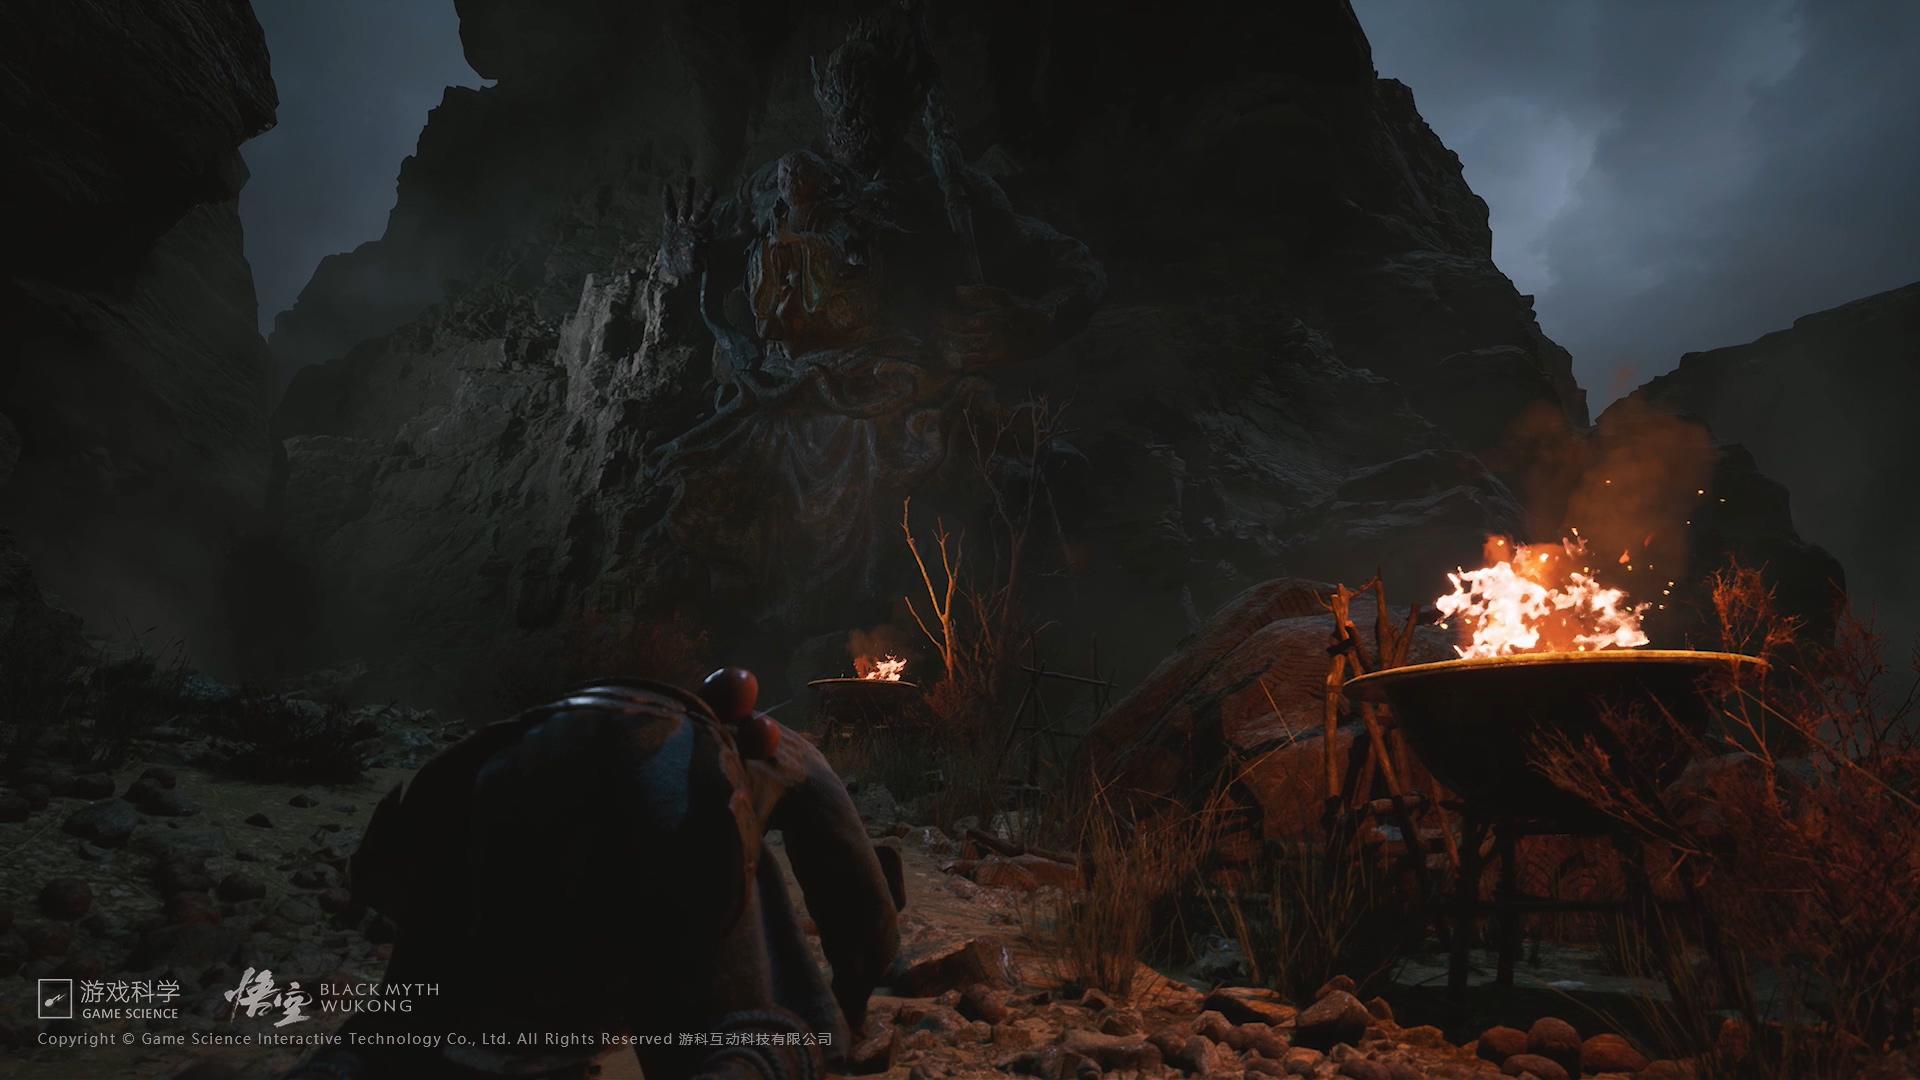 Black Myth: Wu Kong annunciato per Console e PC 11